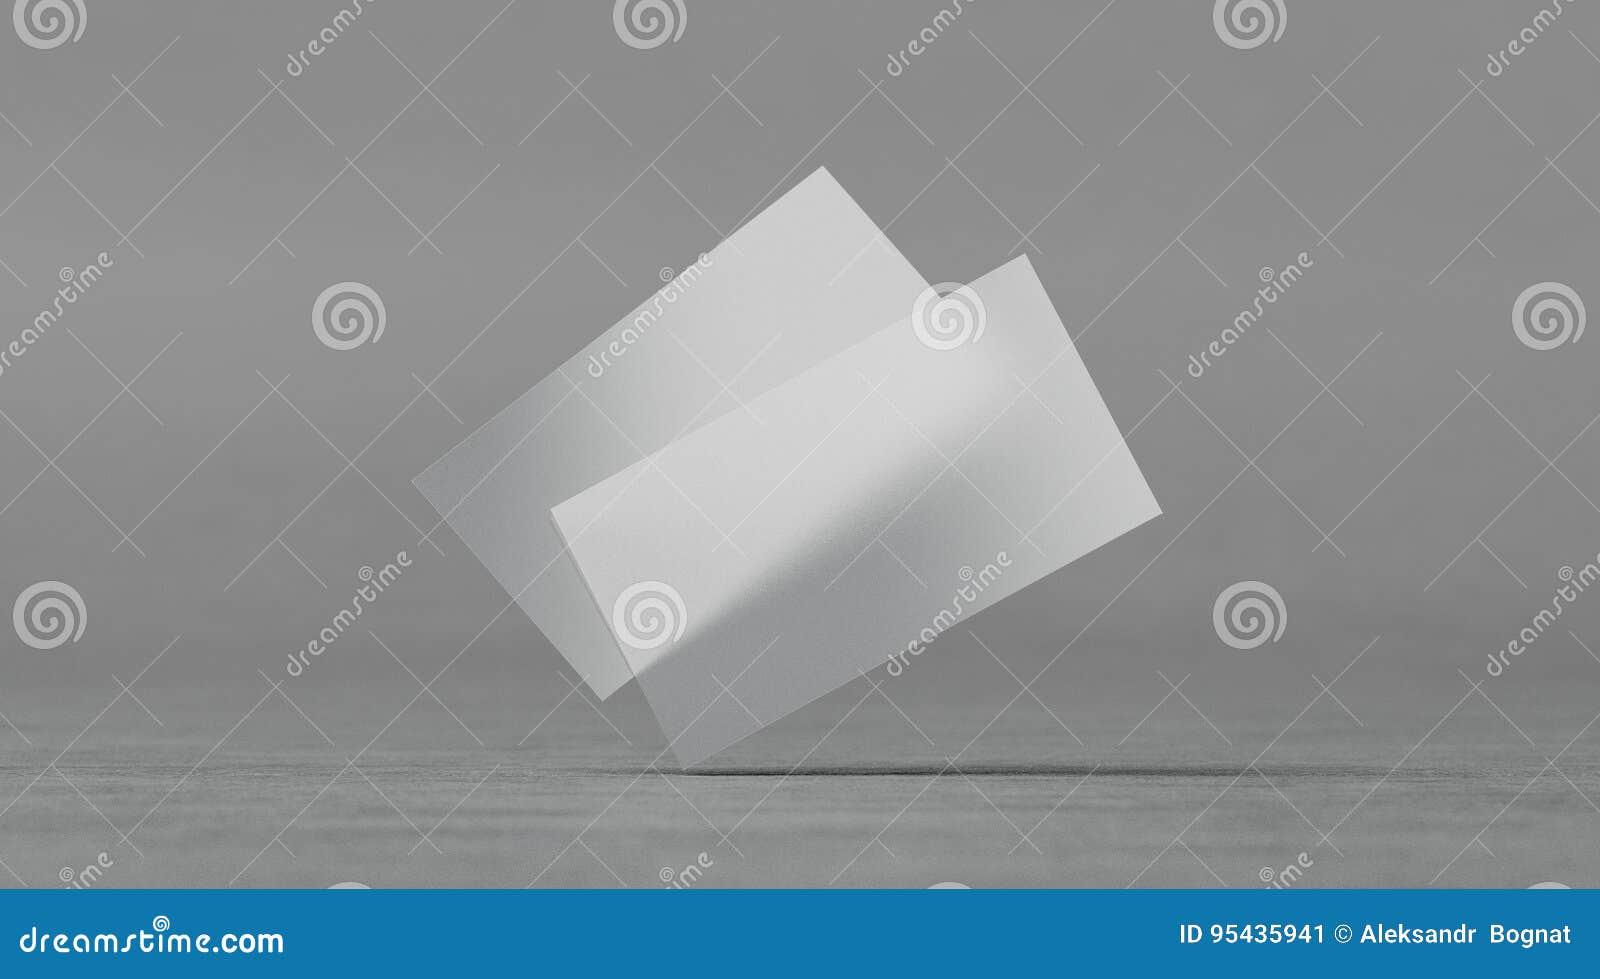 blank plastic transparent business cards mockups